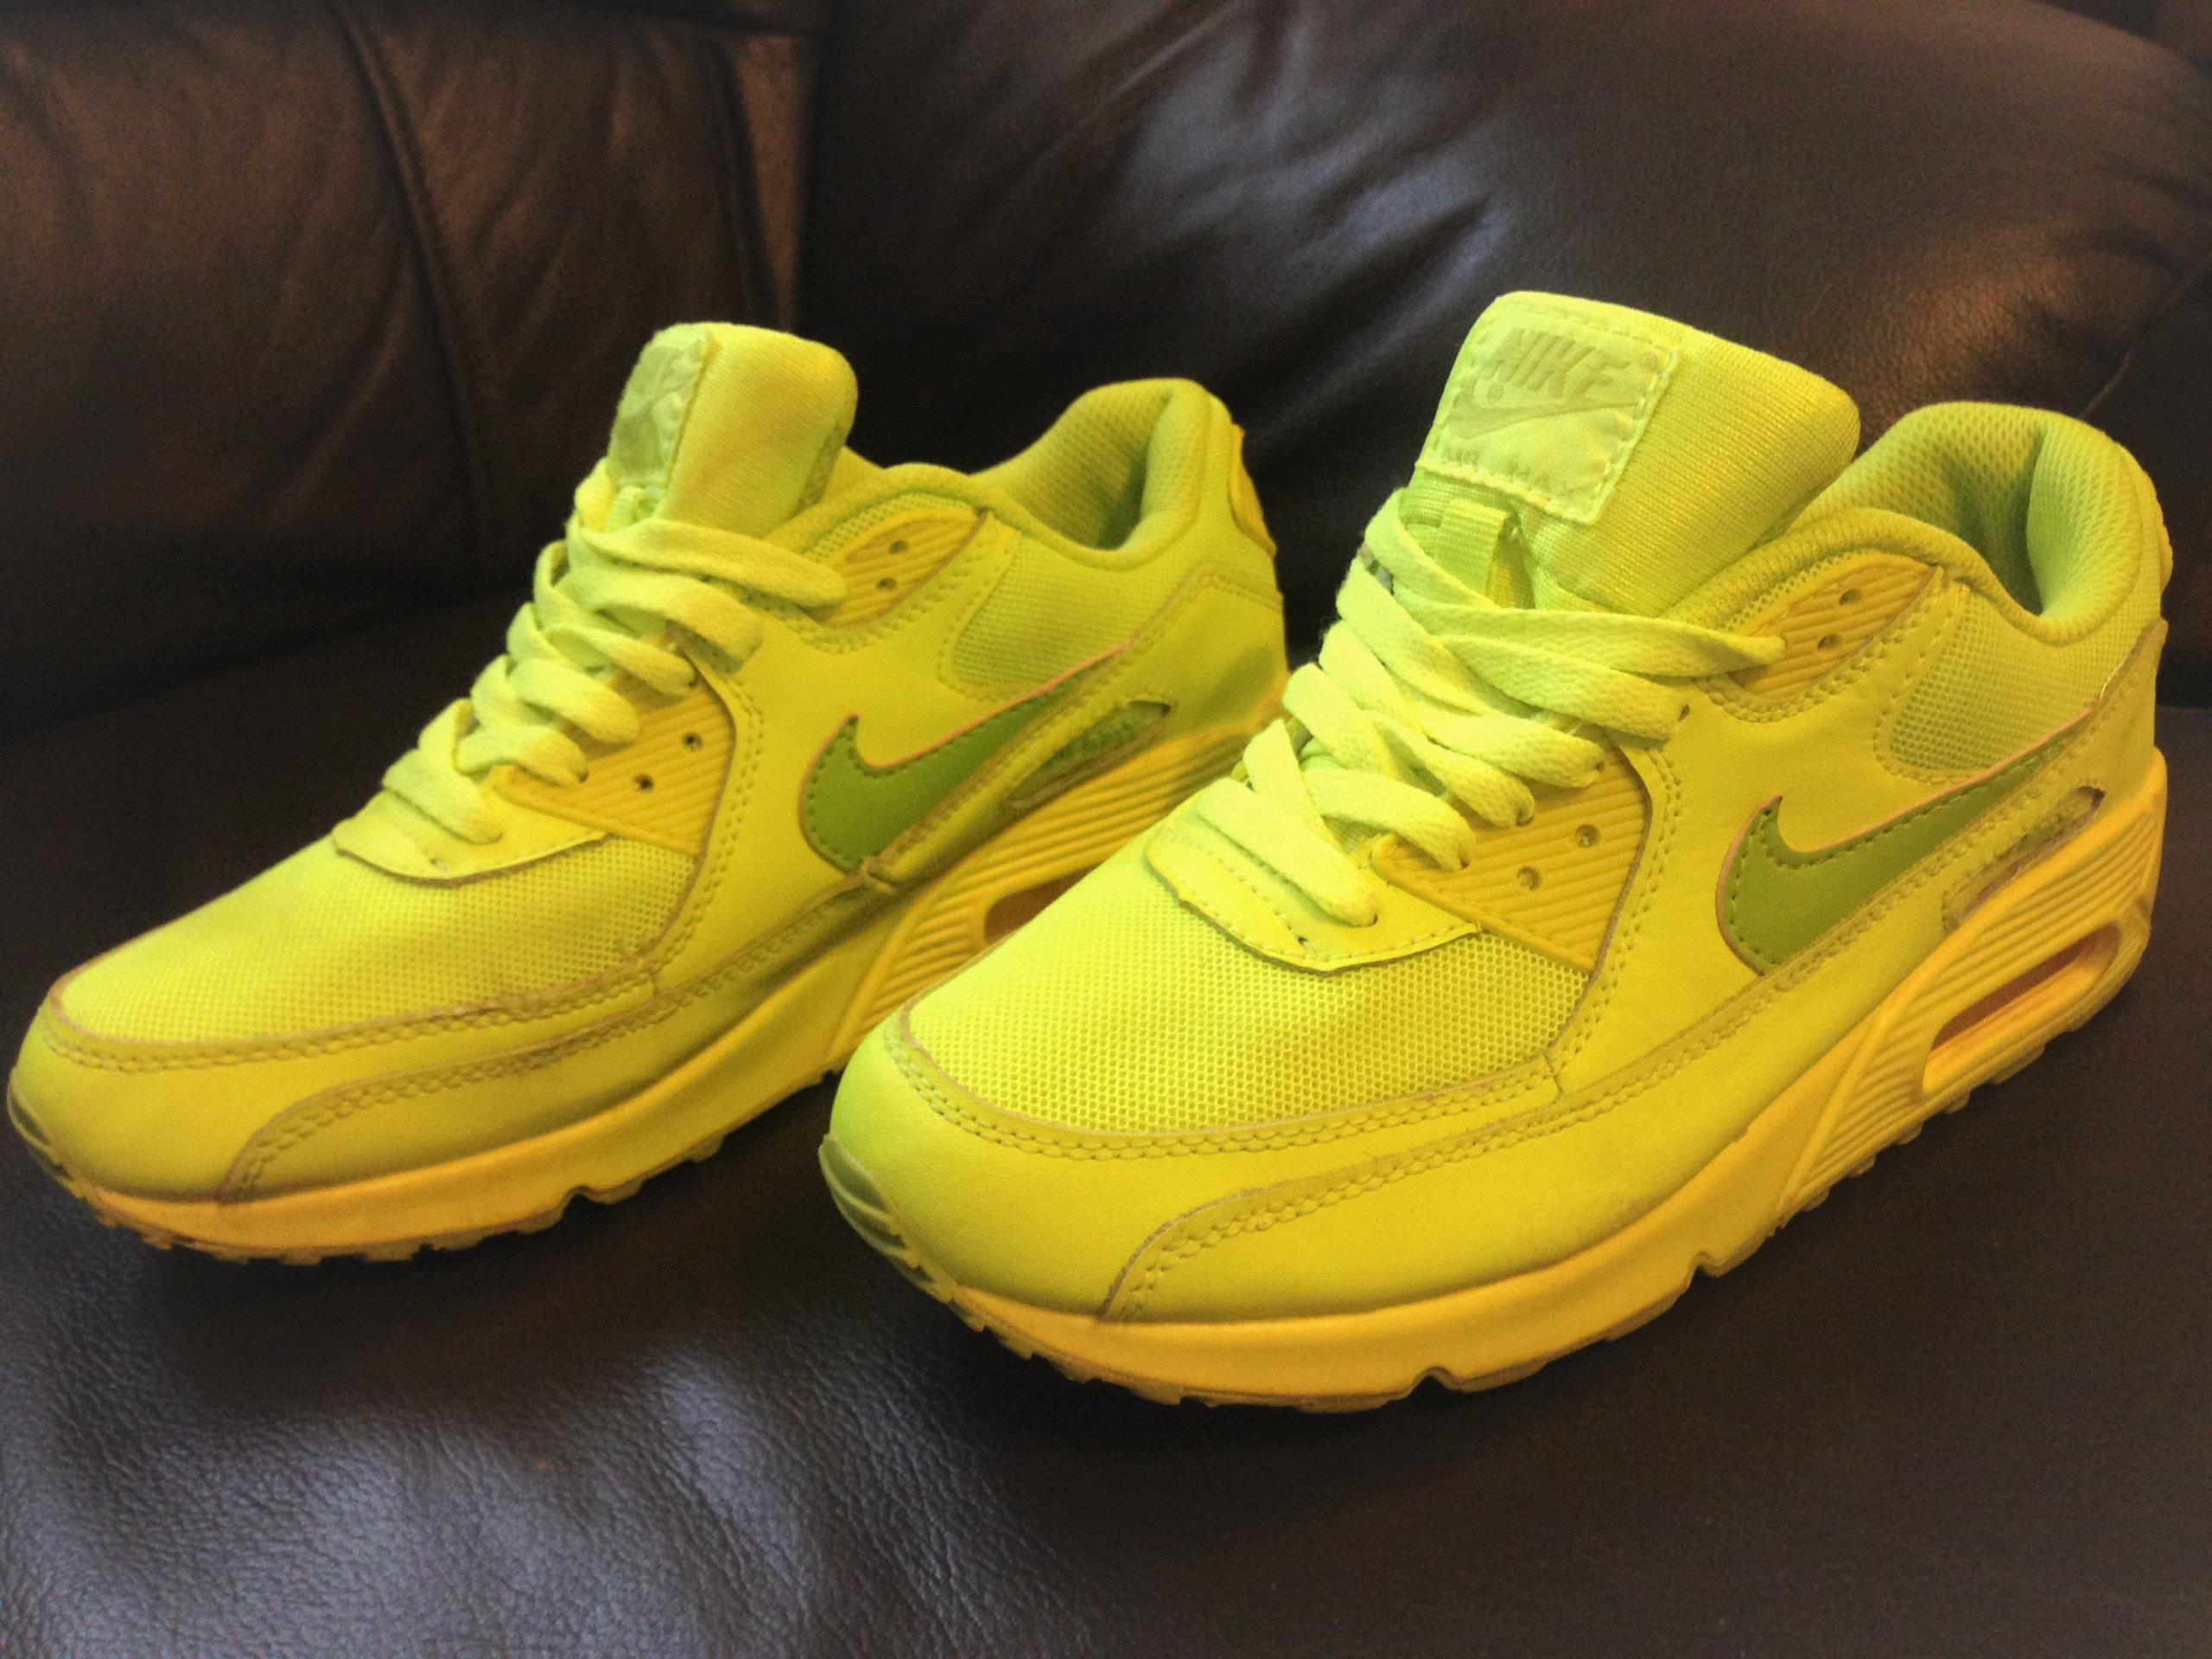 d1cc5ee79472a4 Buty Nike Air Max 90 GS 307793-700 Damskie 38 / 39 - 7380887648 ...